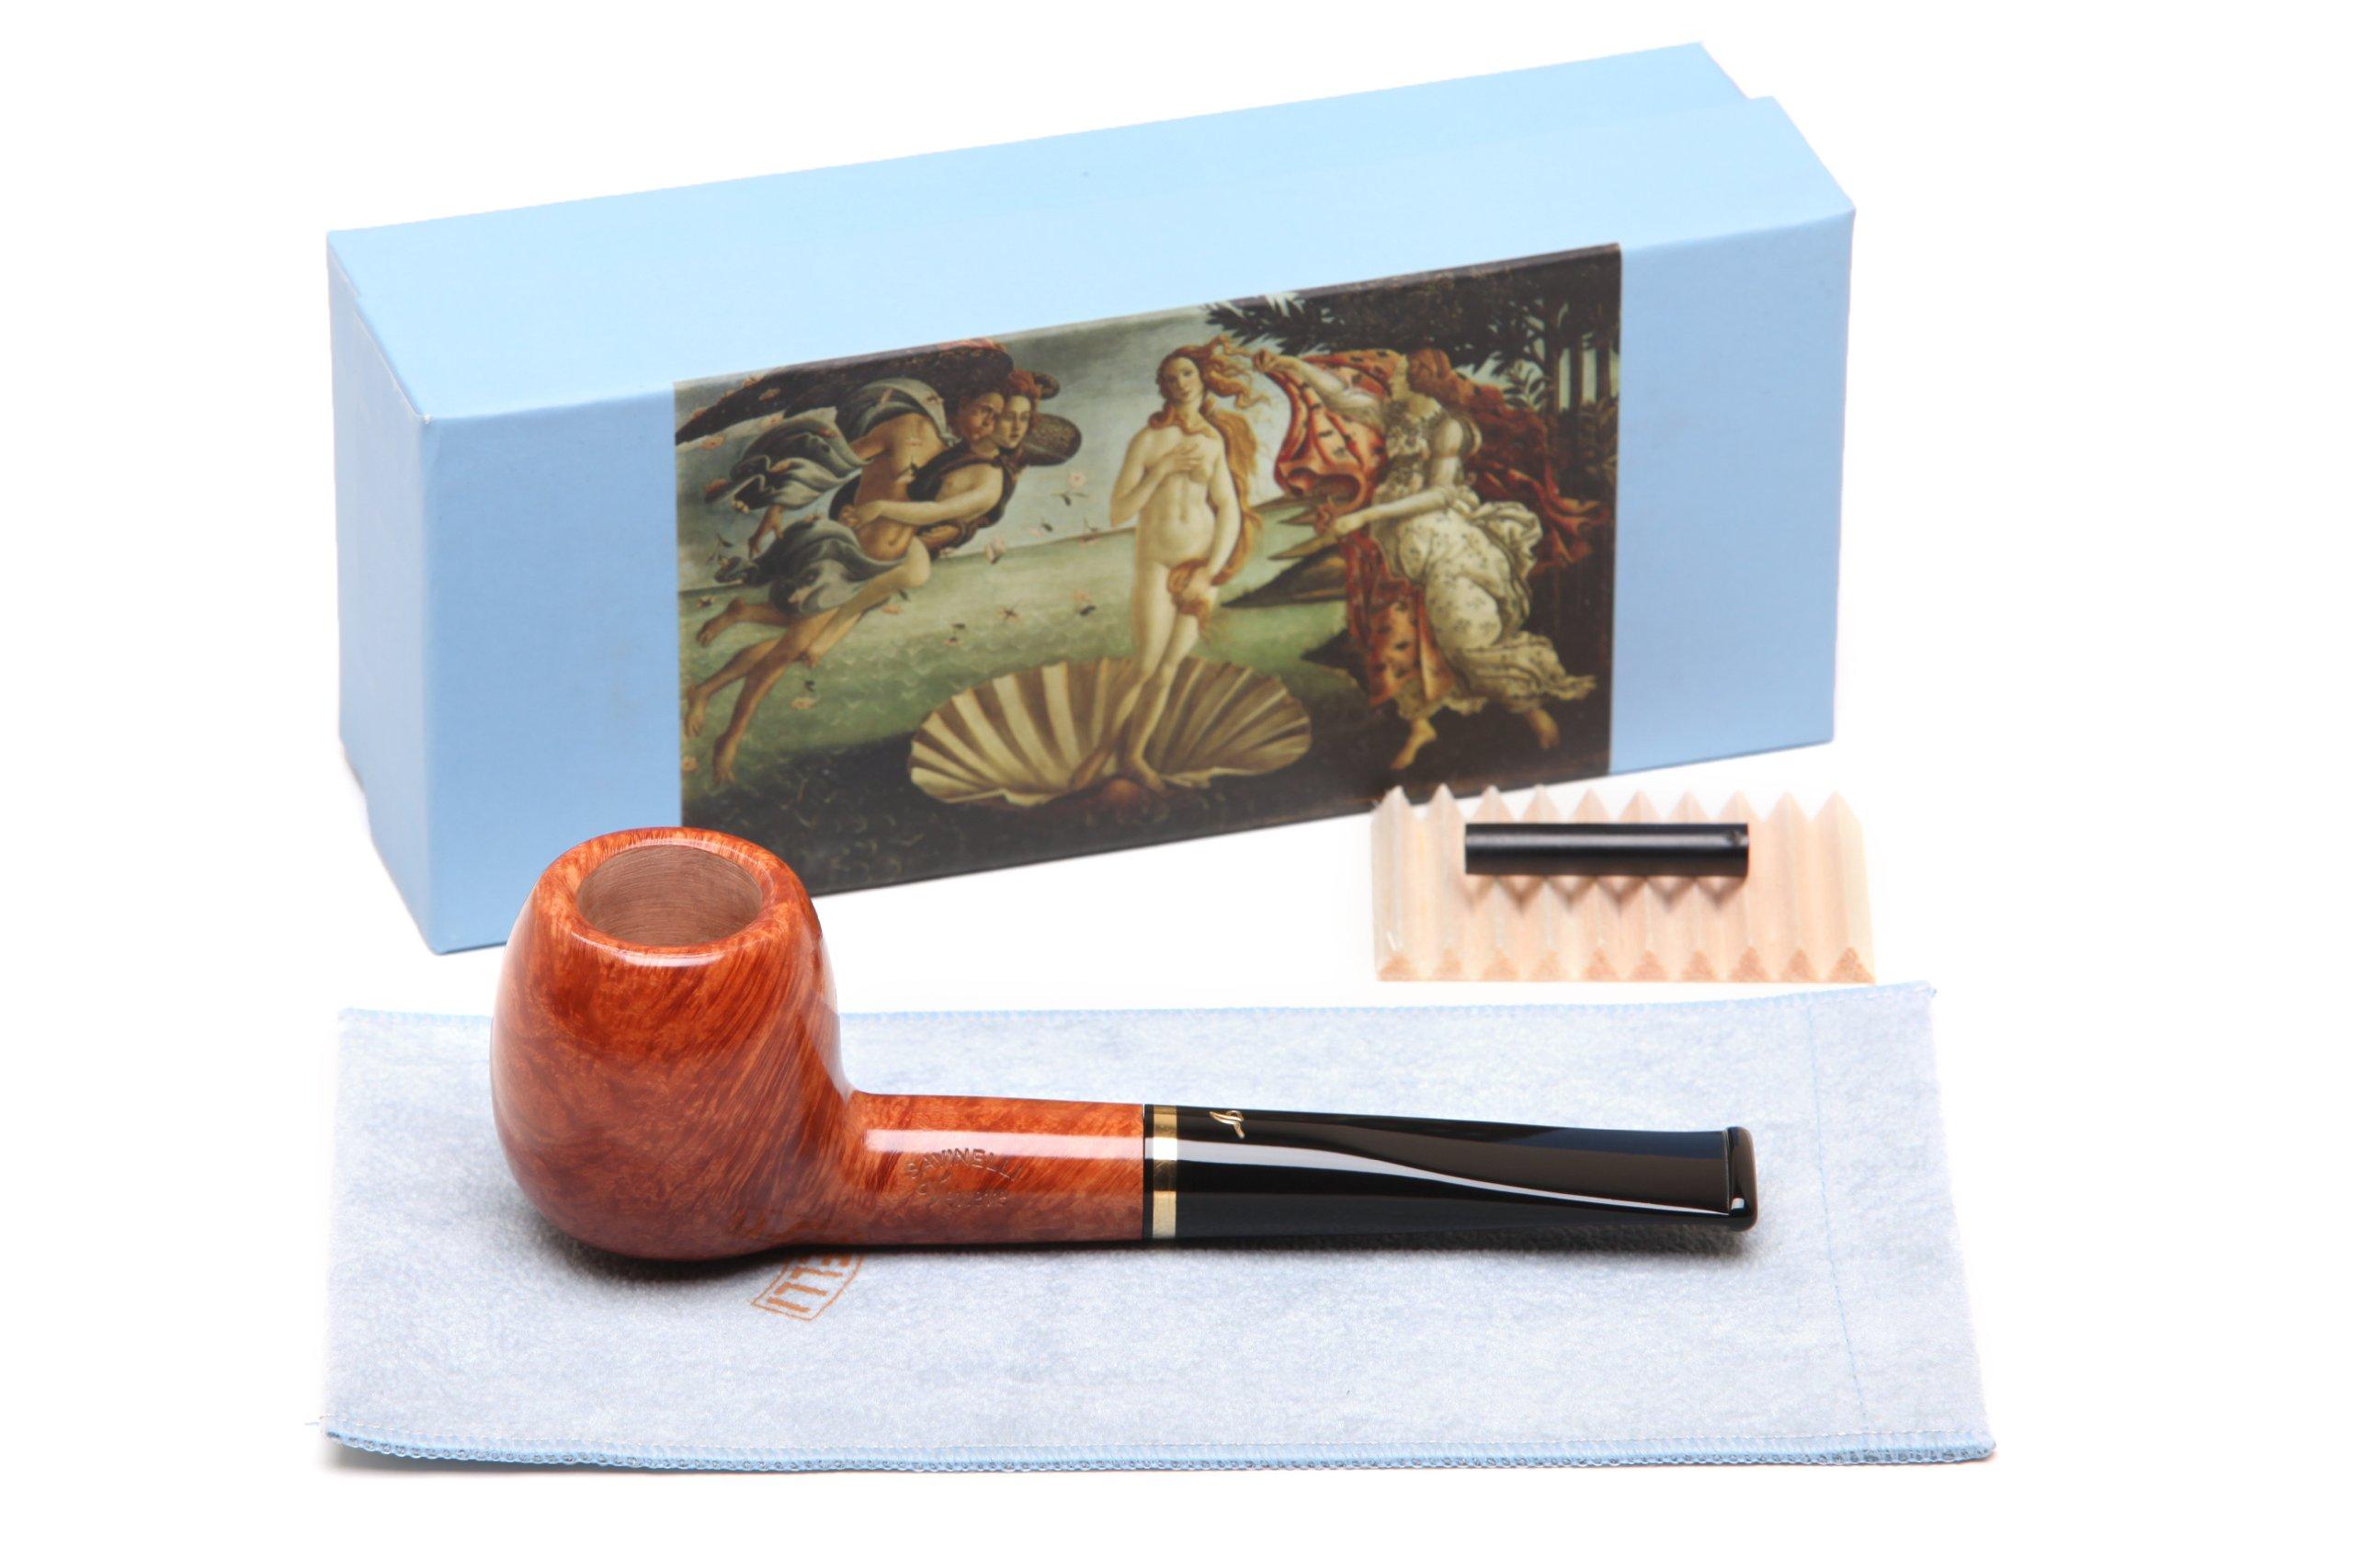 Savinelli Venere Smooth 207 Tobacco Pipe